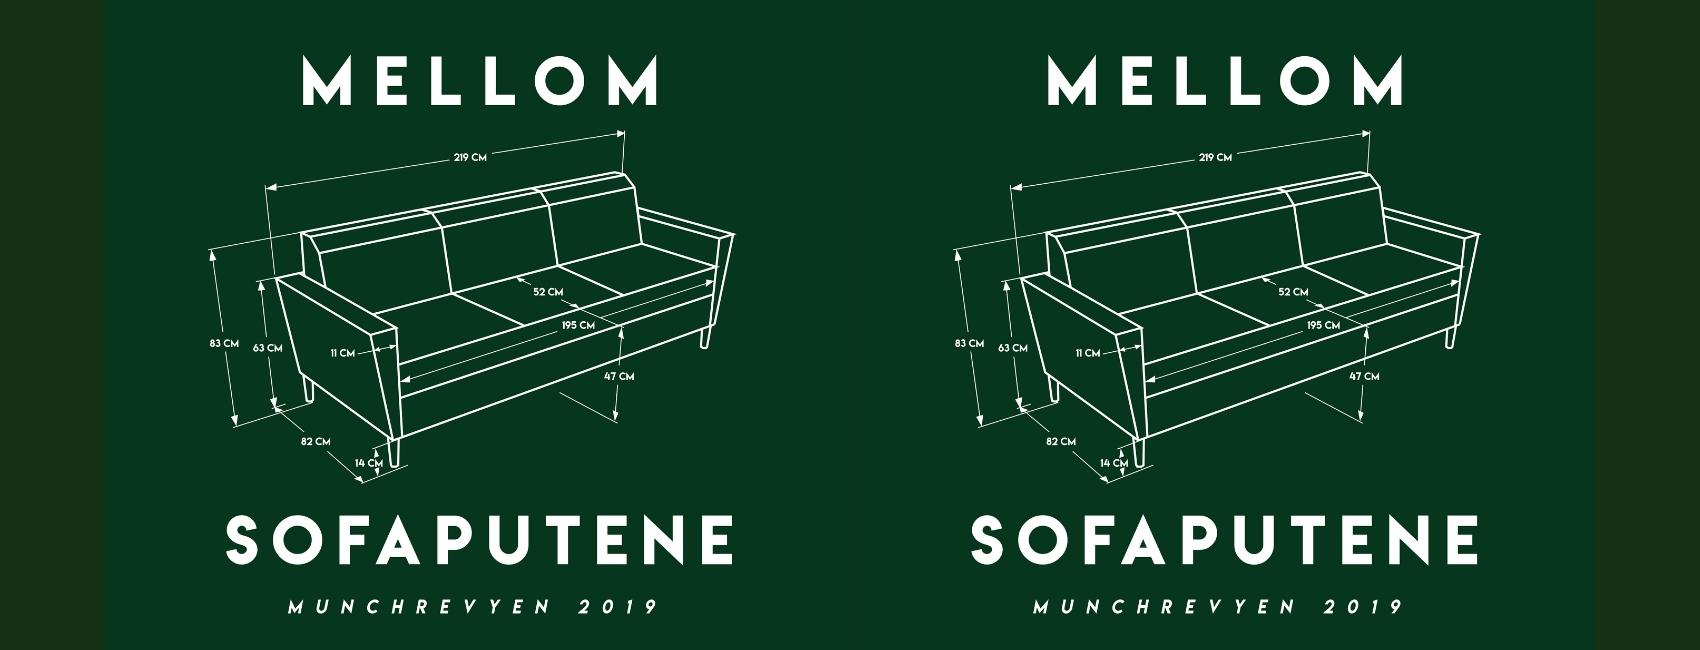 Munch Revyen 2019 Mellom Sofaputene på Edderkoppen Scene